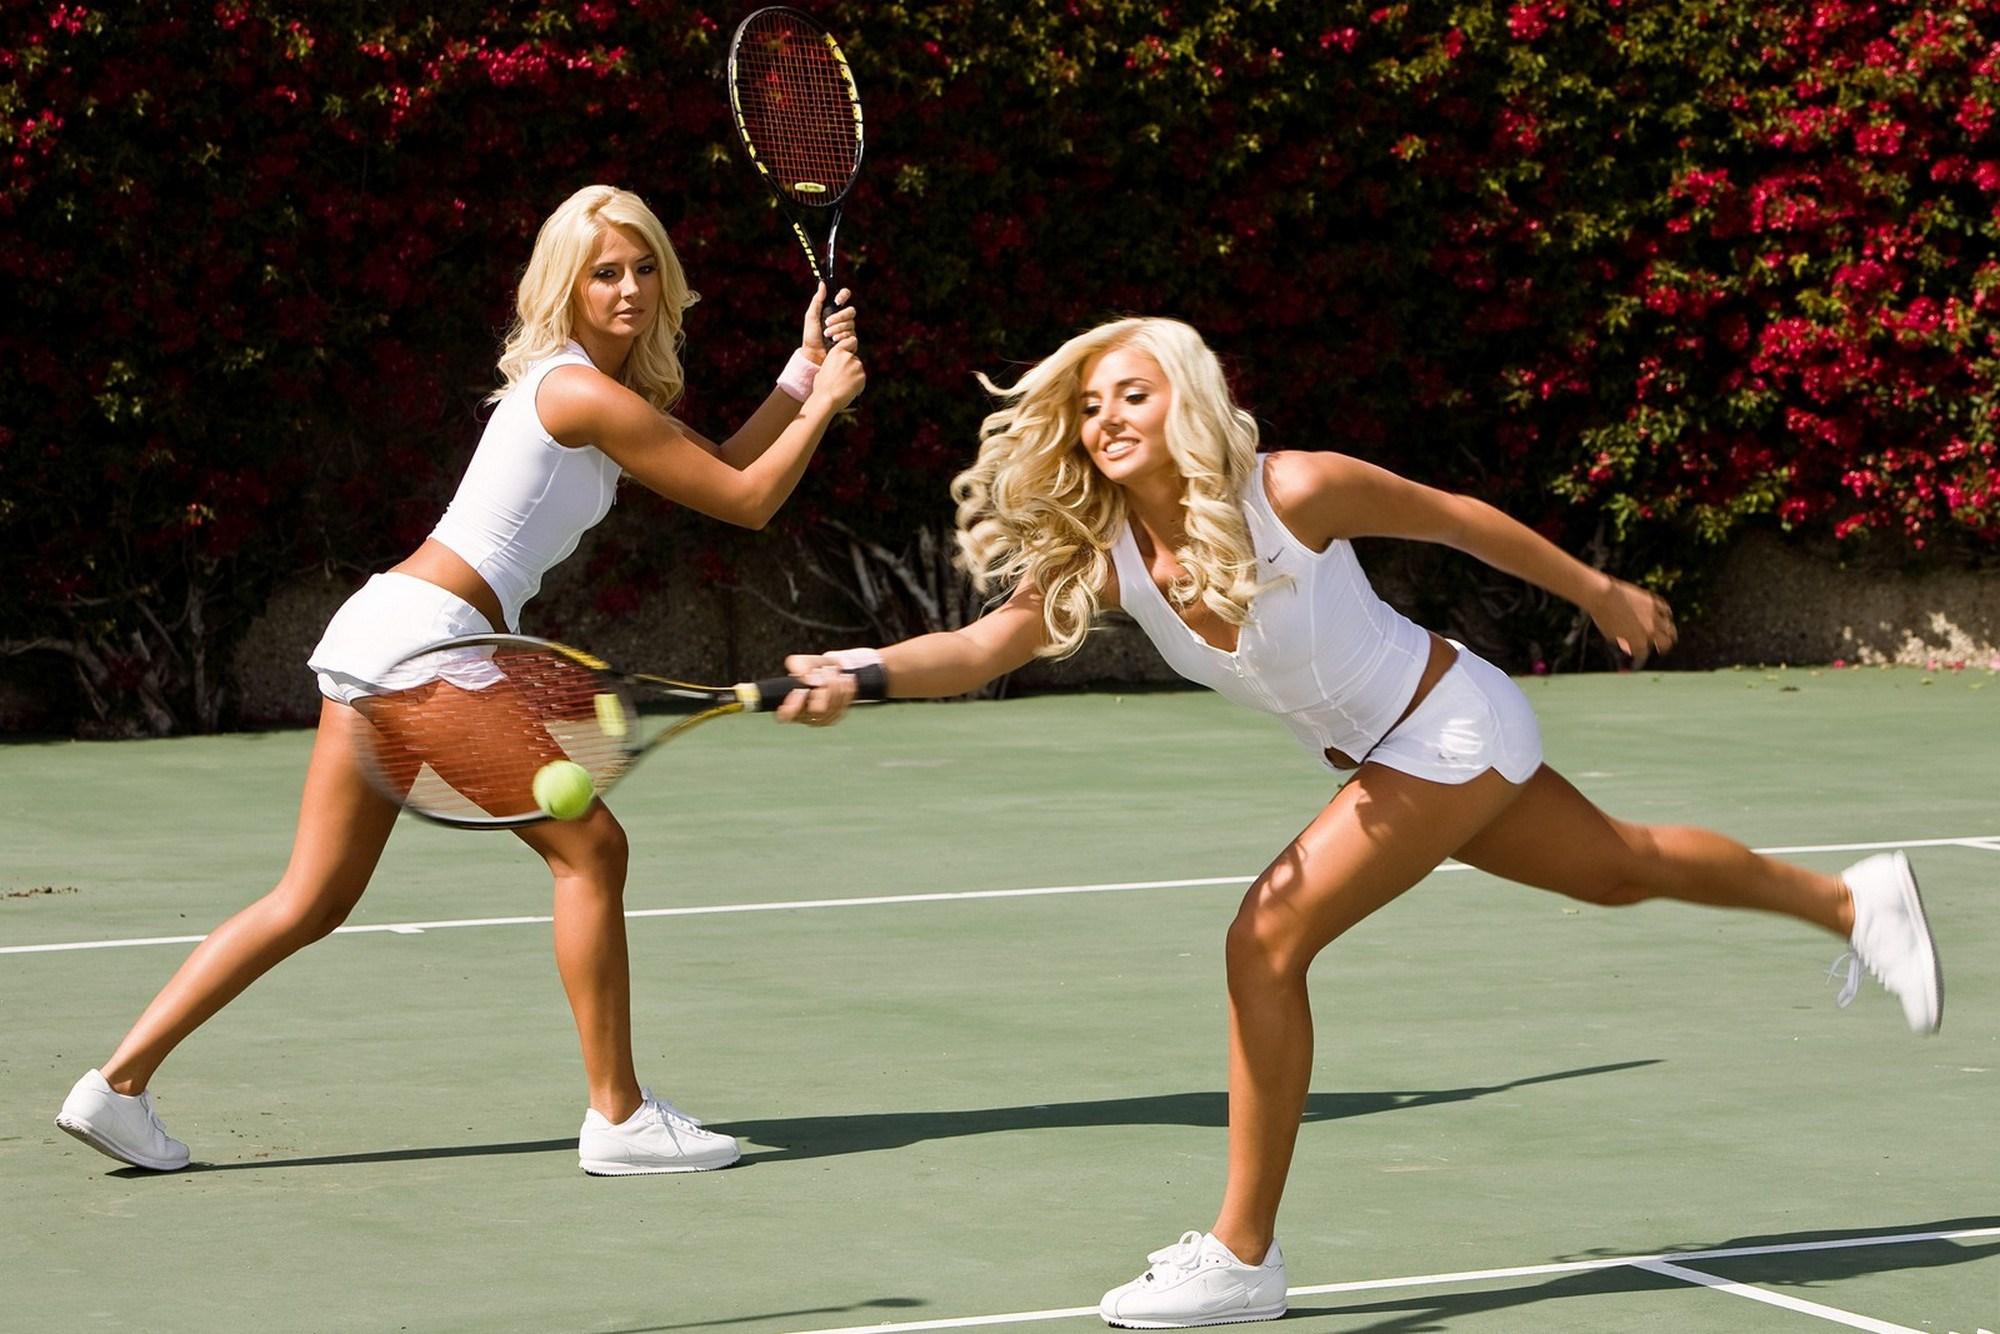 Возможно, теннисисты делают на себя ставки. И обманывают букмекеров